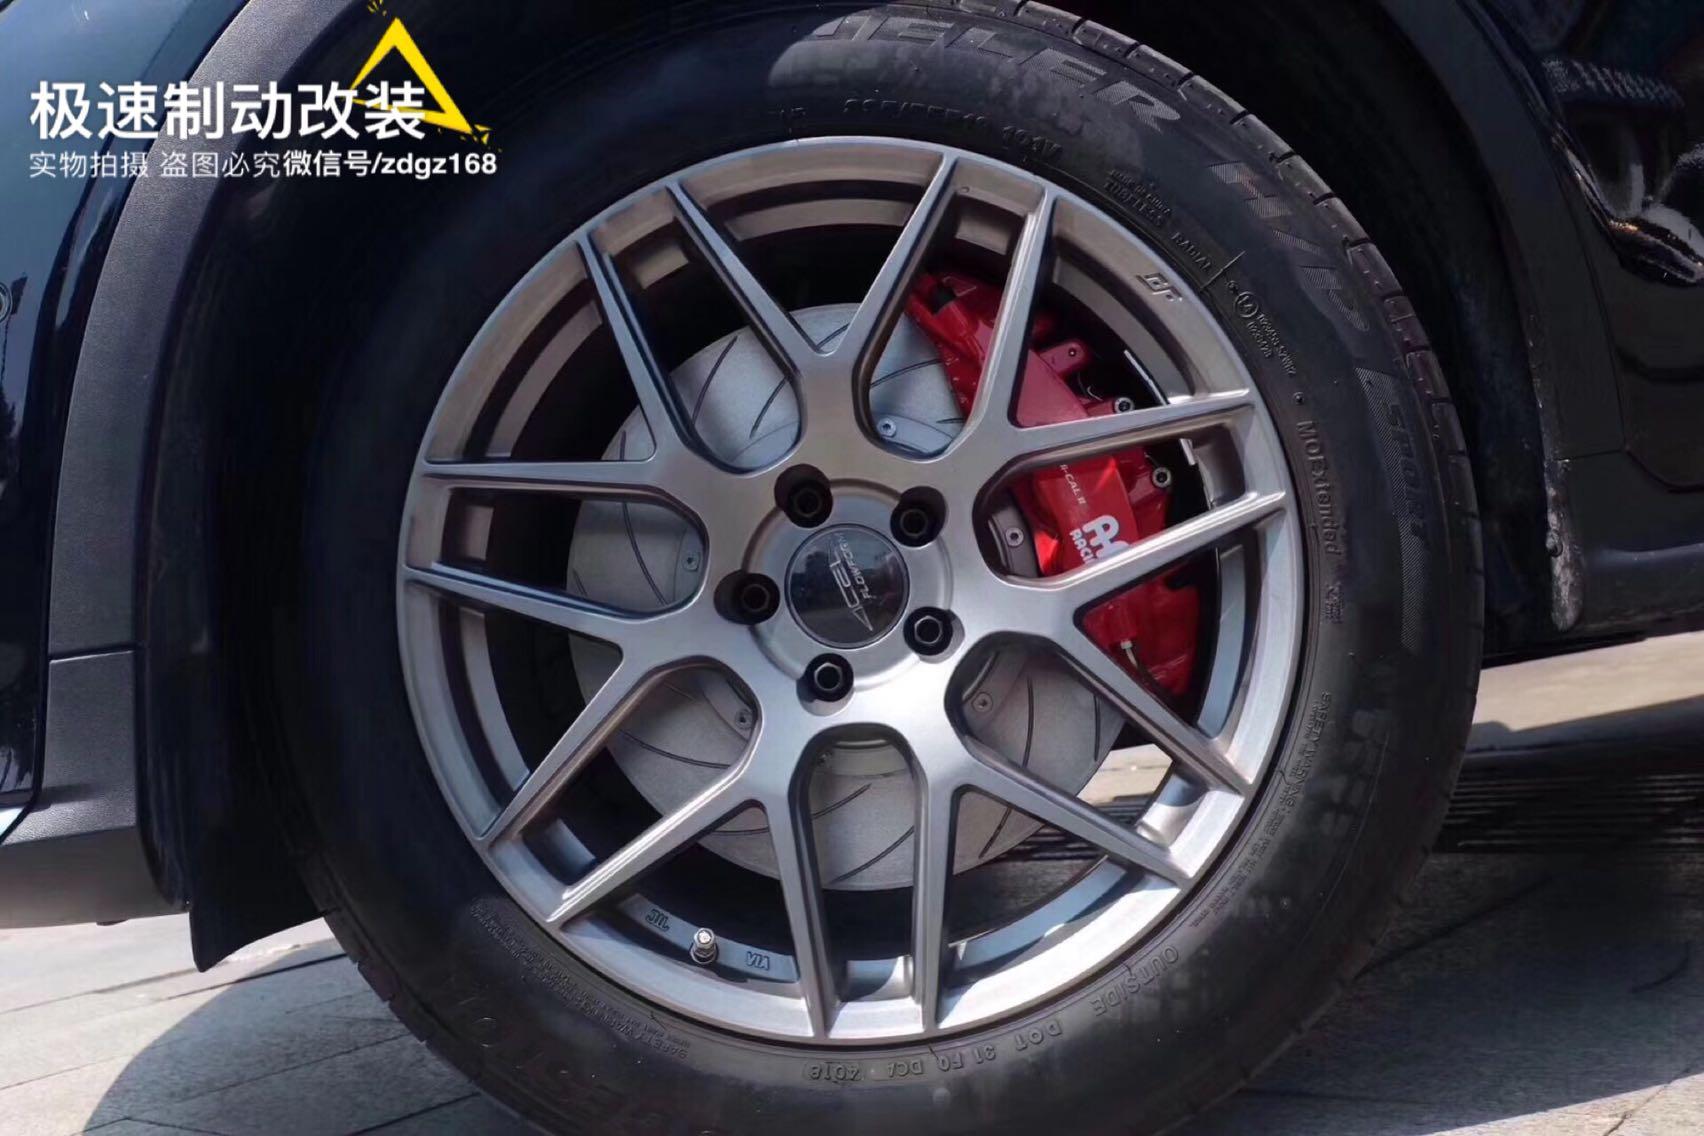 奔驰GLC刹车升级前AP9560六活塞套装,后370MM加大盘套装